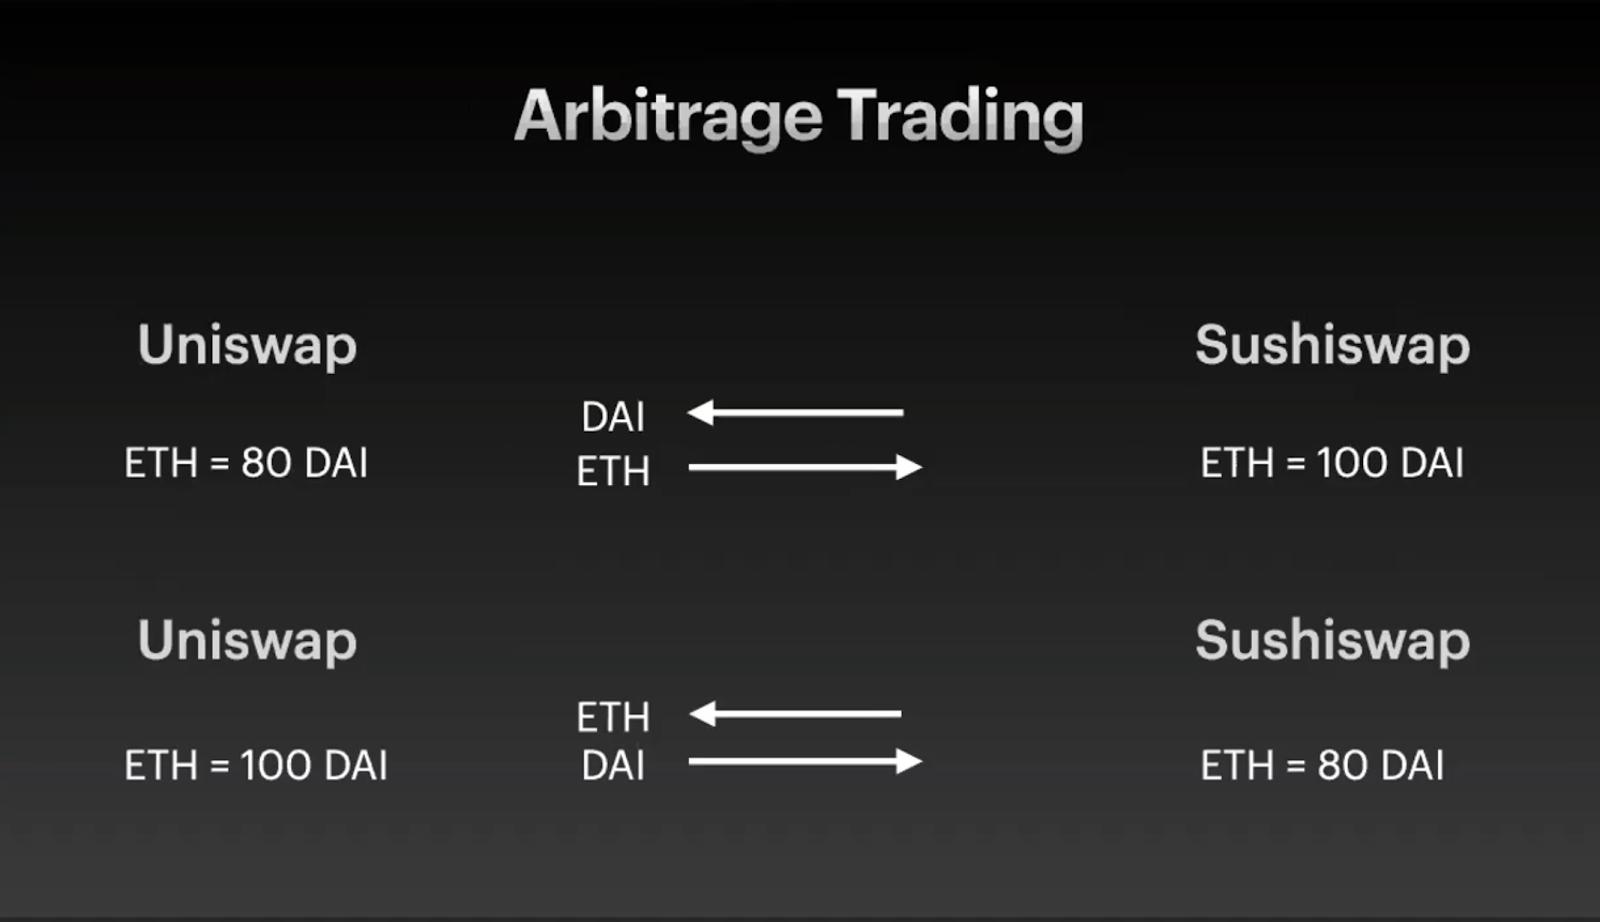 套利交易流程